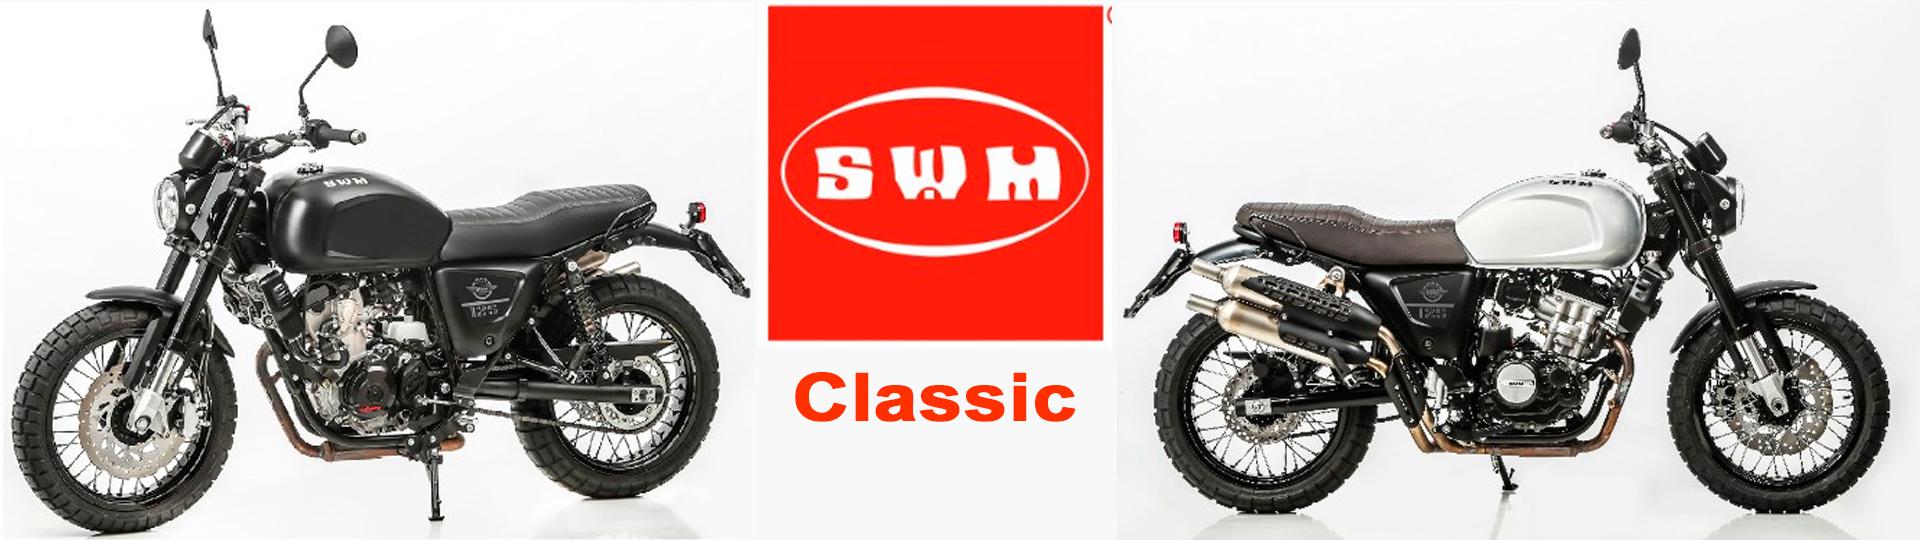 Testen Sie die Classic Bikes von SWM bei uns